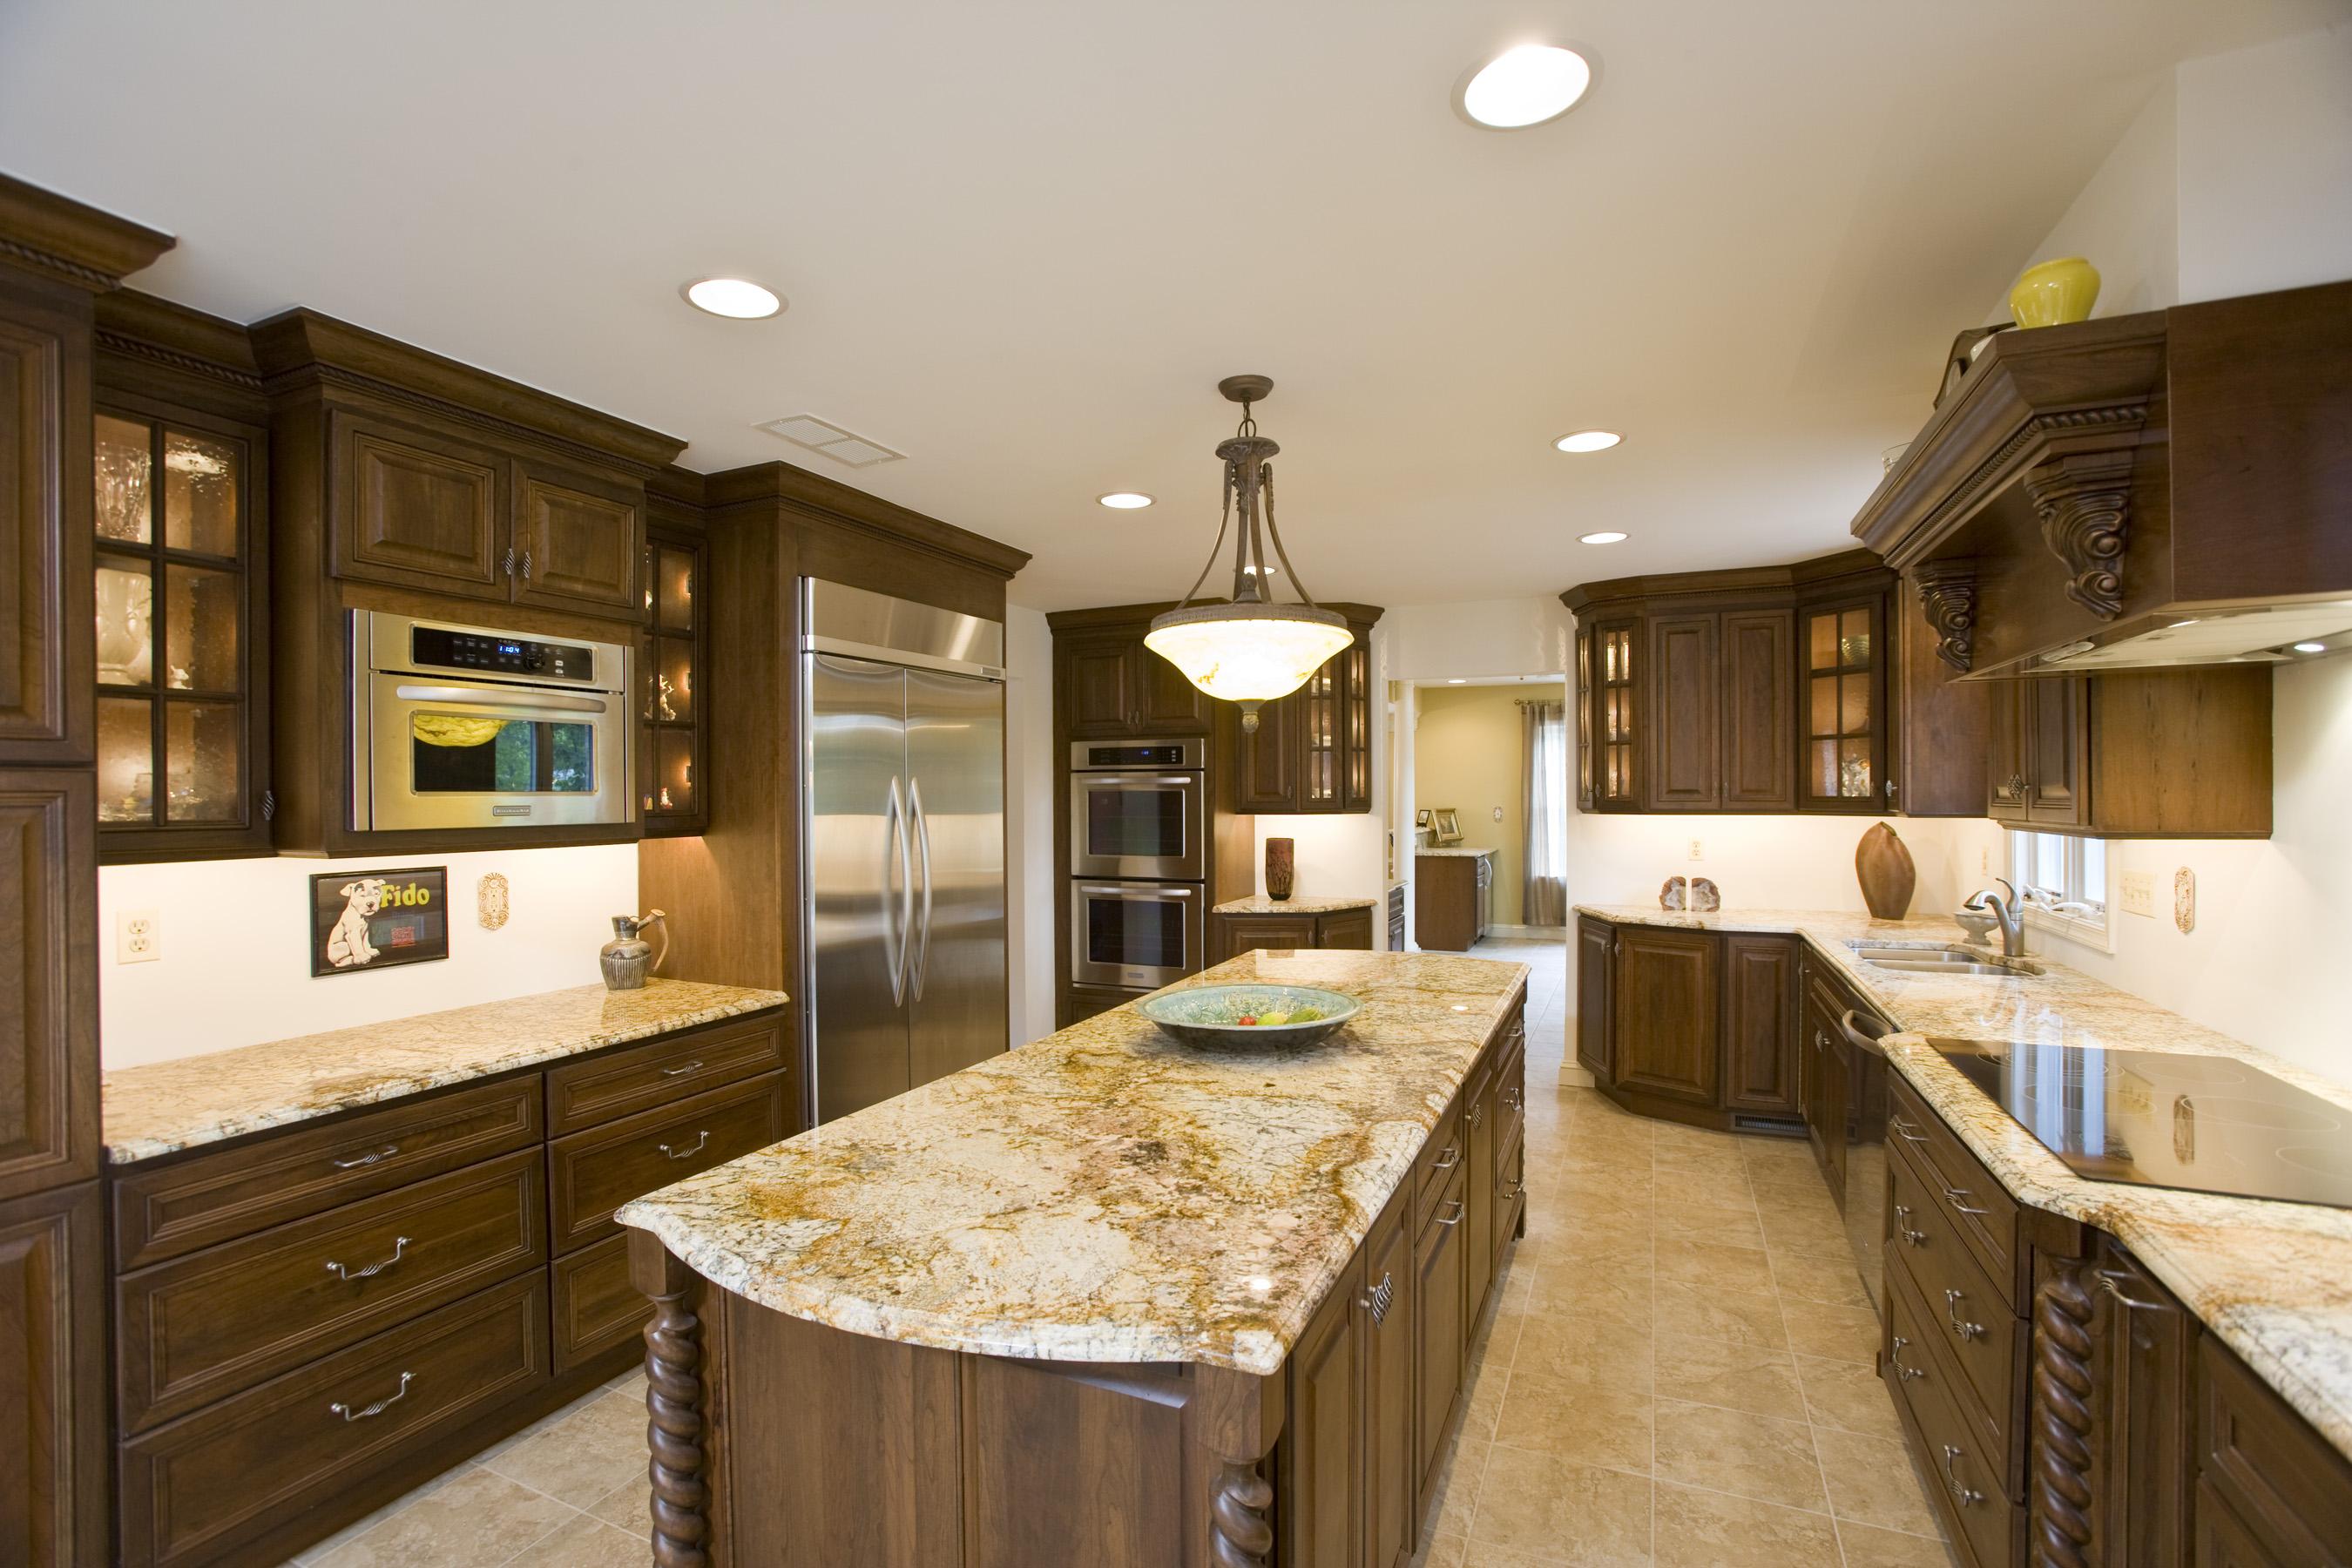 kitchen granite countertop design ideas photo - 7